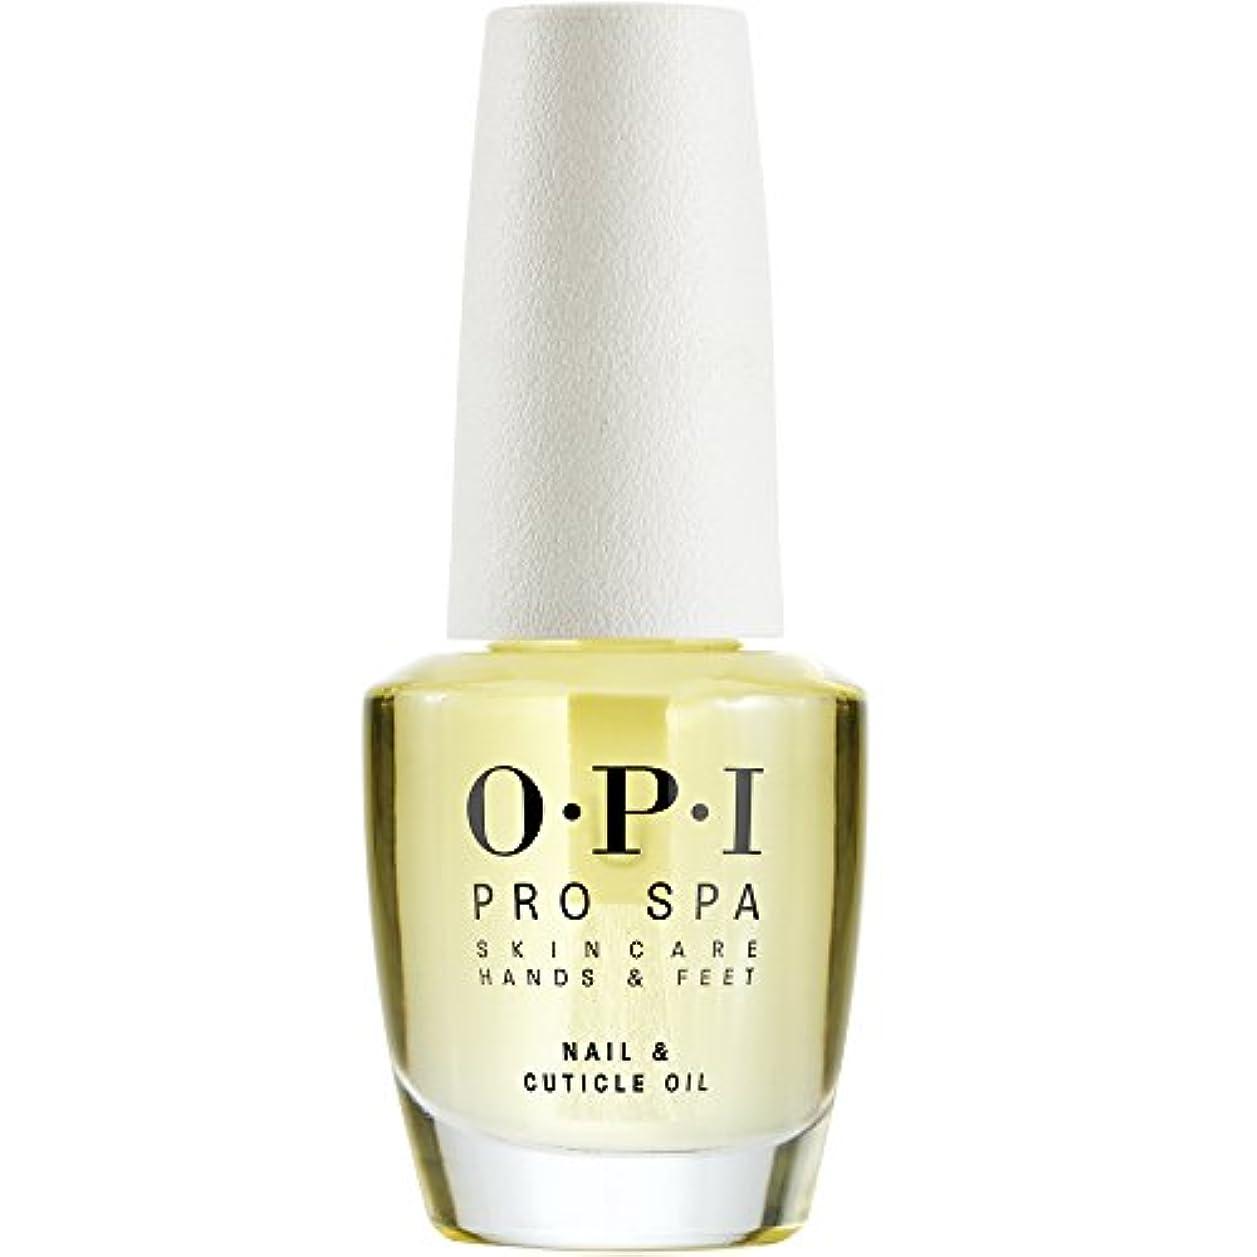 絶えずさようなら破裂OPI(オーピーアイ) プロスパ ネイル&キューティクルオイル 14.8ml